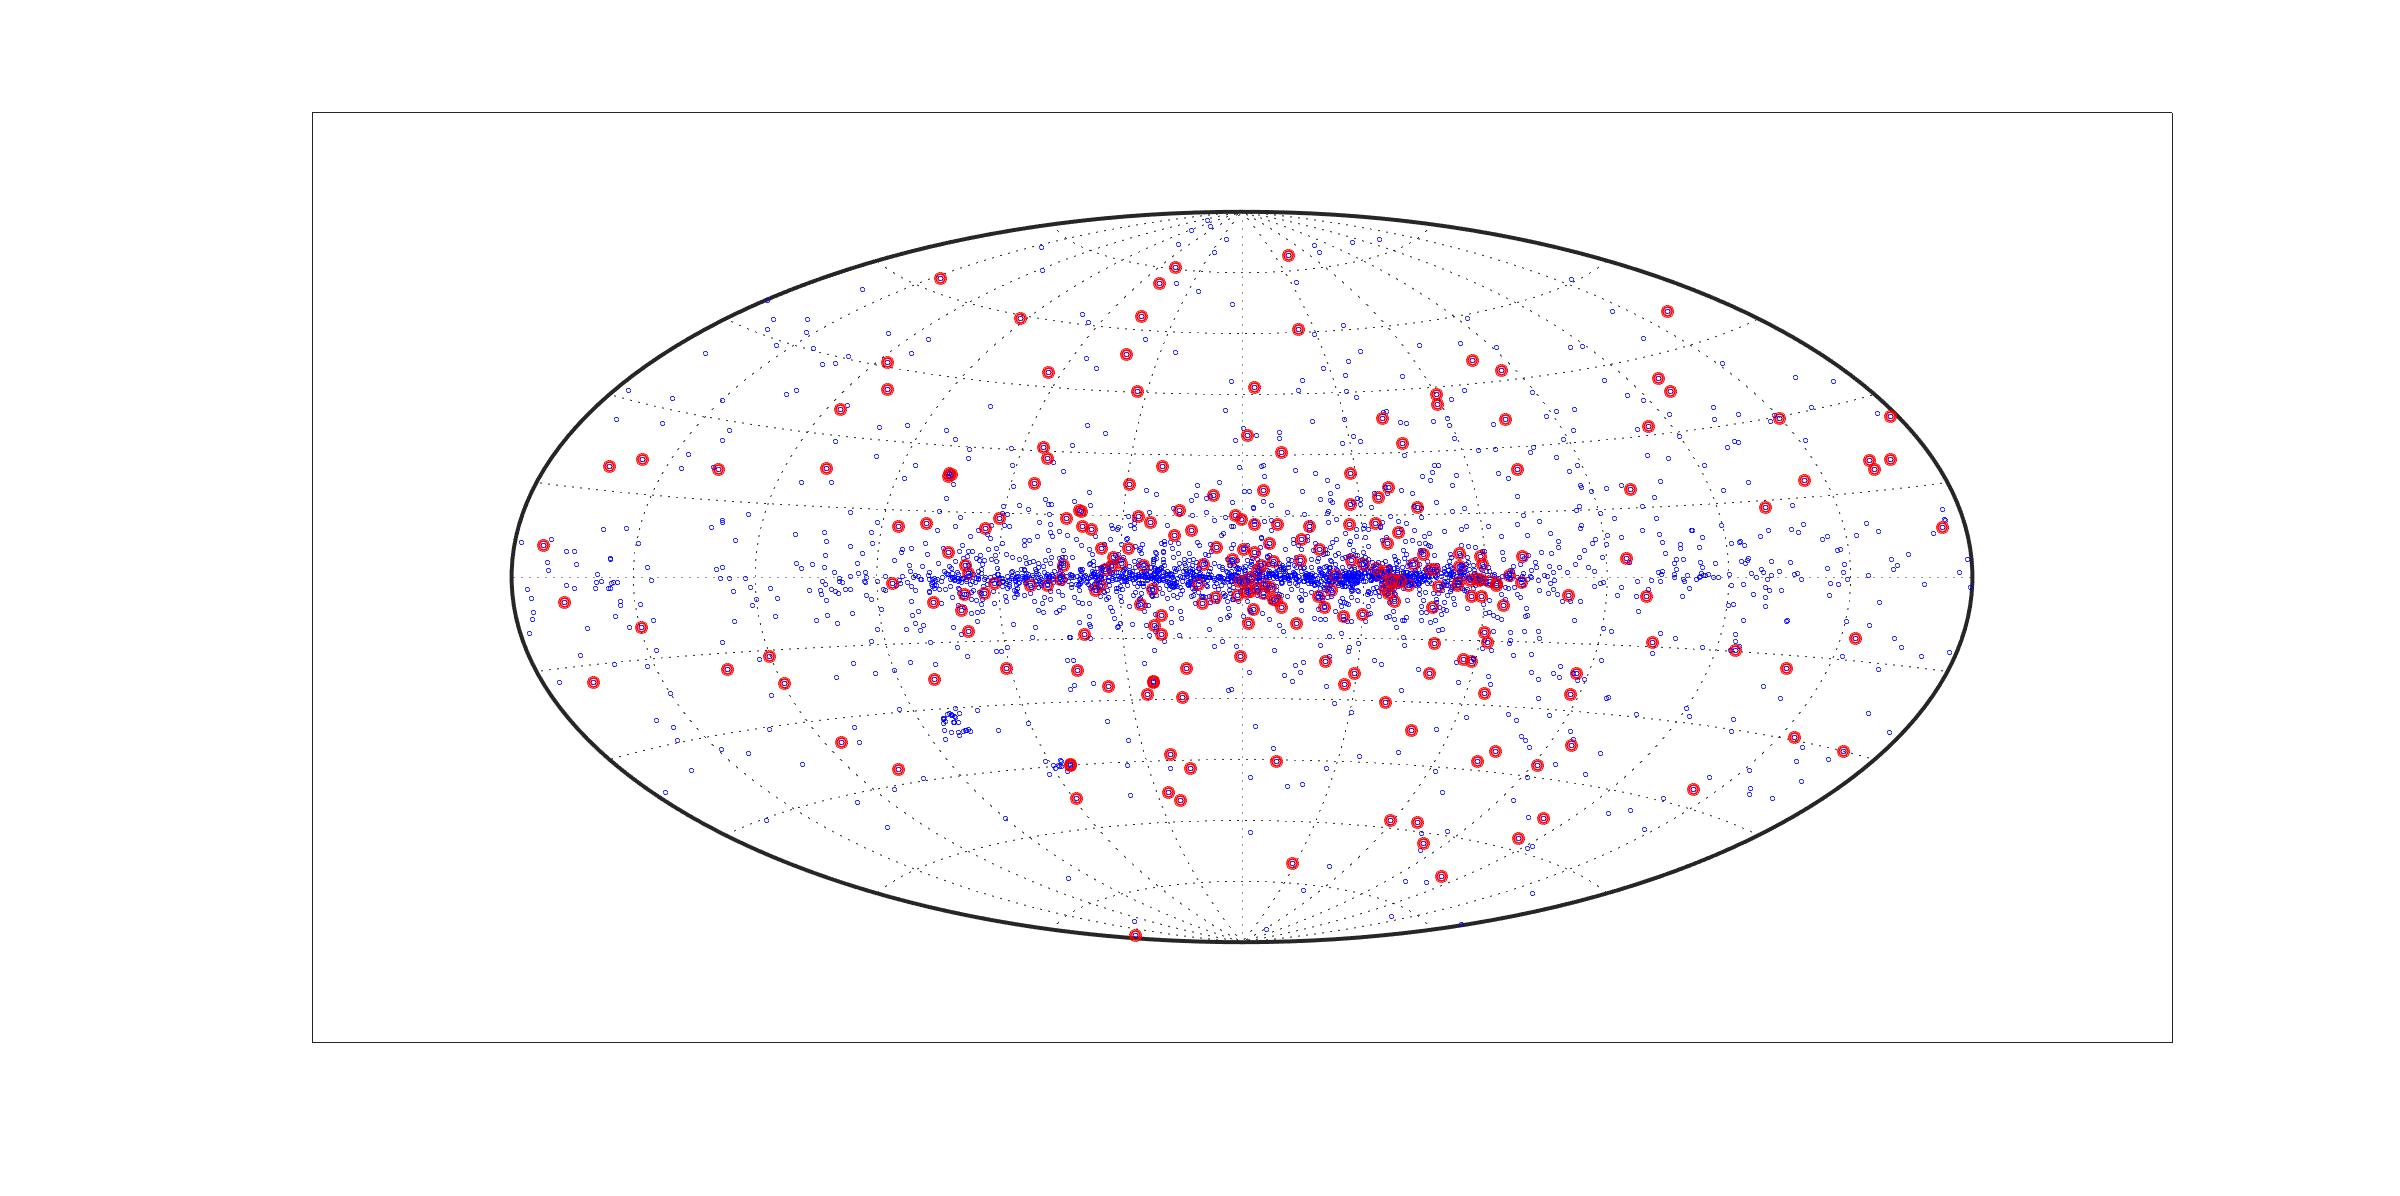 Fig. 4 - Mappa del cielo con la posizione delle pulsar conosciute. Quelle al millisecondo sono indicate con punti rossi. Nelle pulsar normali si vede bene il piano della nostra galassia e anche due addensamenti in basso a sinistra, corrispondenti alle due nubi di Magellano, due galassie vicine alla nostra. Il fatto che ci siano molti sistemi sul piano della galassia indica che si tratta di oggetti giovani, che sono nati nel disco galattico, ma non hanno avuto il tempo di spostarsi. Le pulsar al millisecondo invece non mostrano un addensamento sul piano della galassia, dato che sono oggetti vecchi. Crediti: Tomaso Belloni.